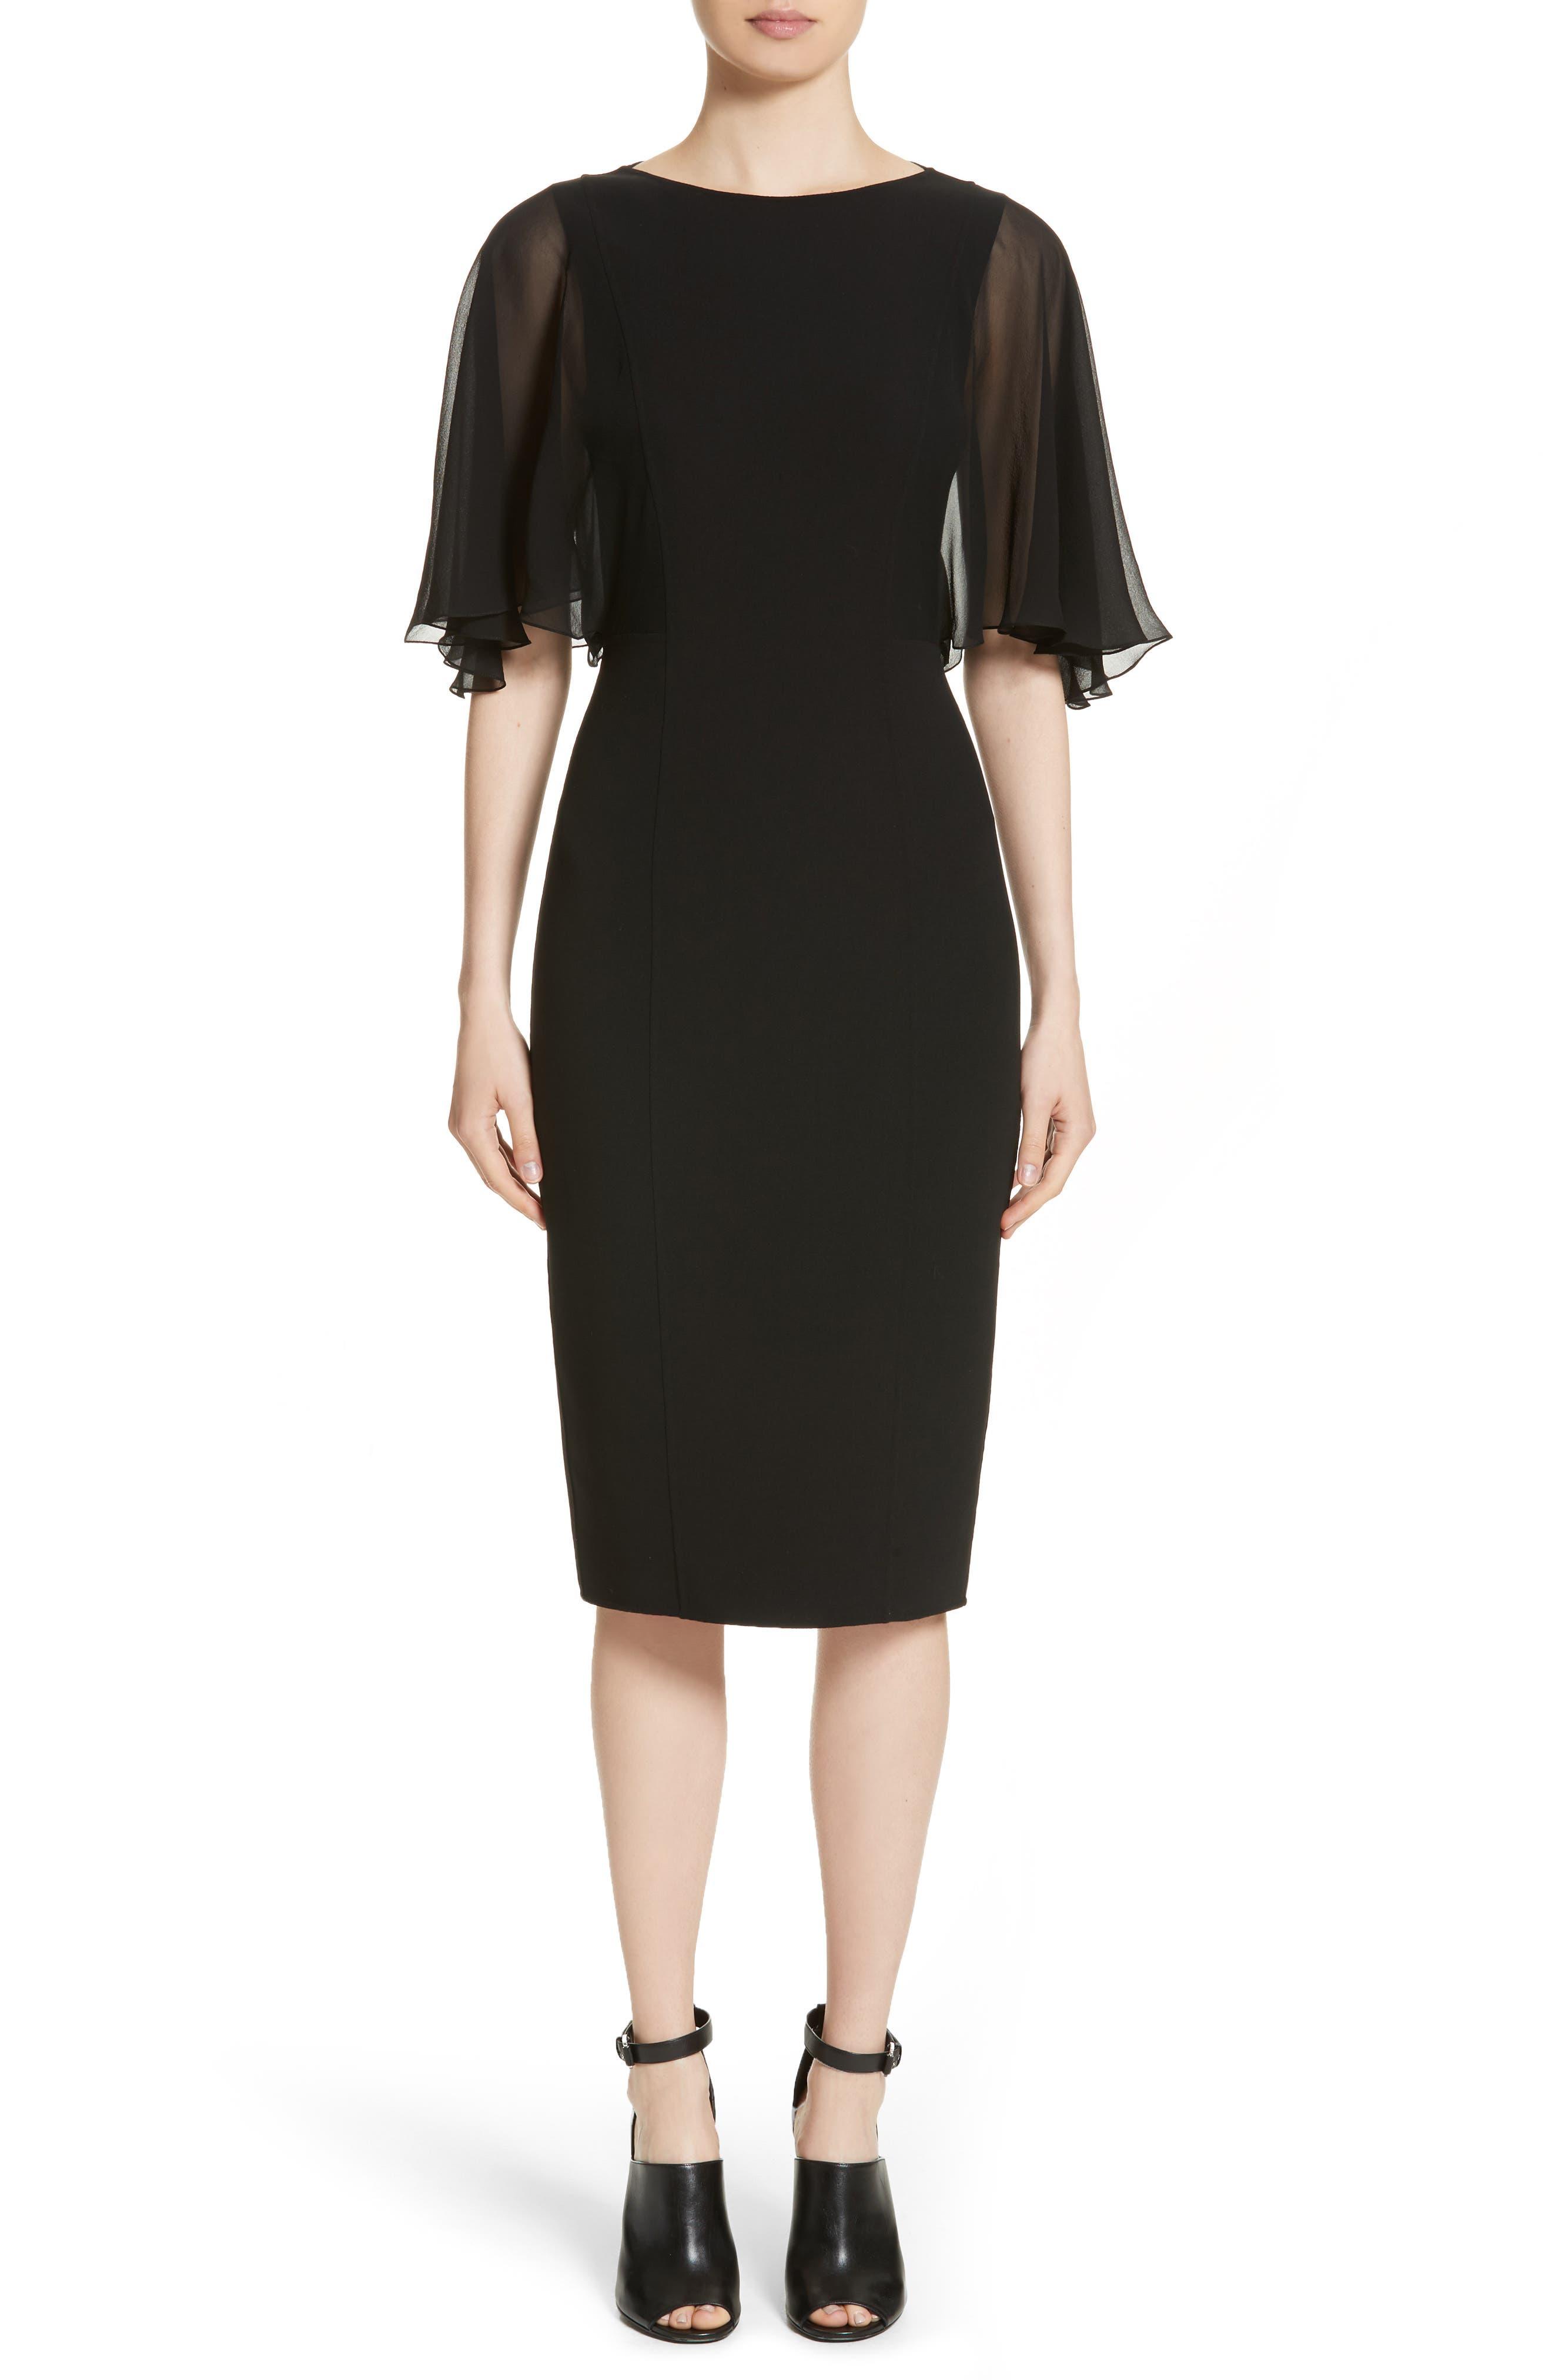 Michael Kors Draped Chiffon Sleeve Dress